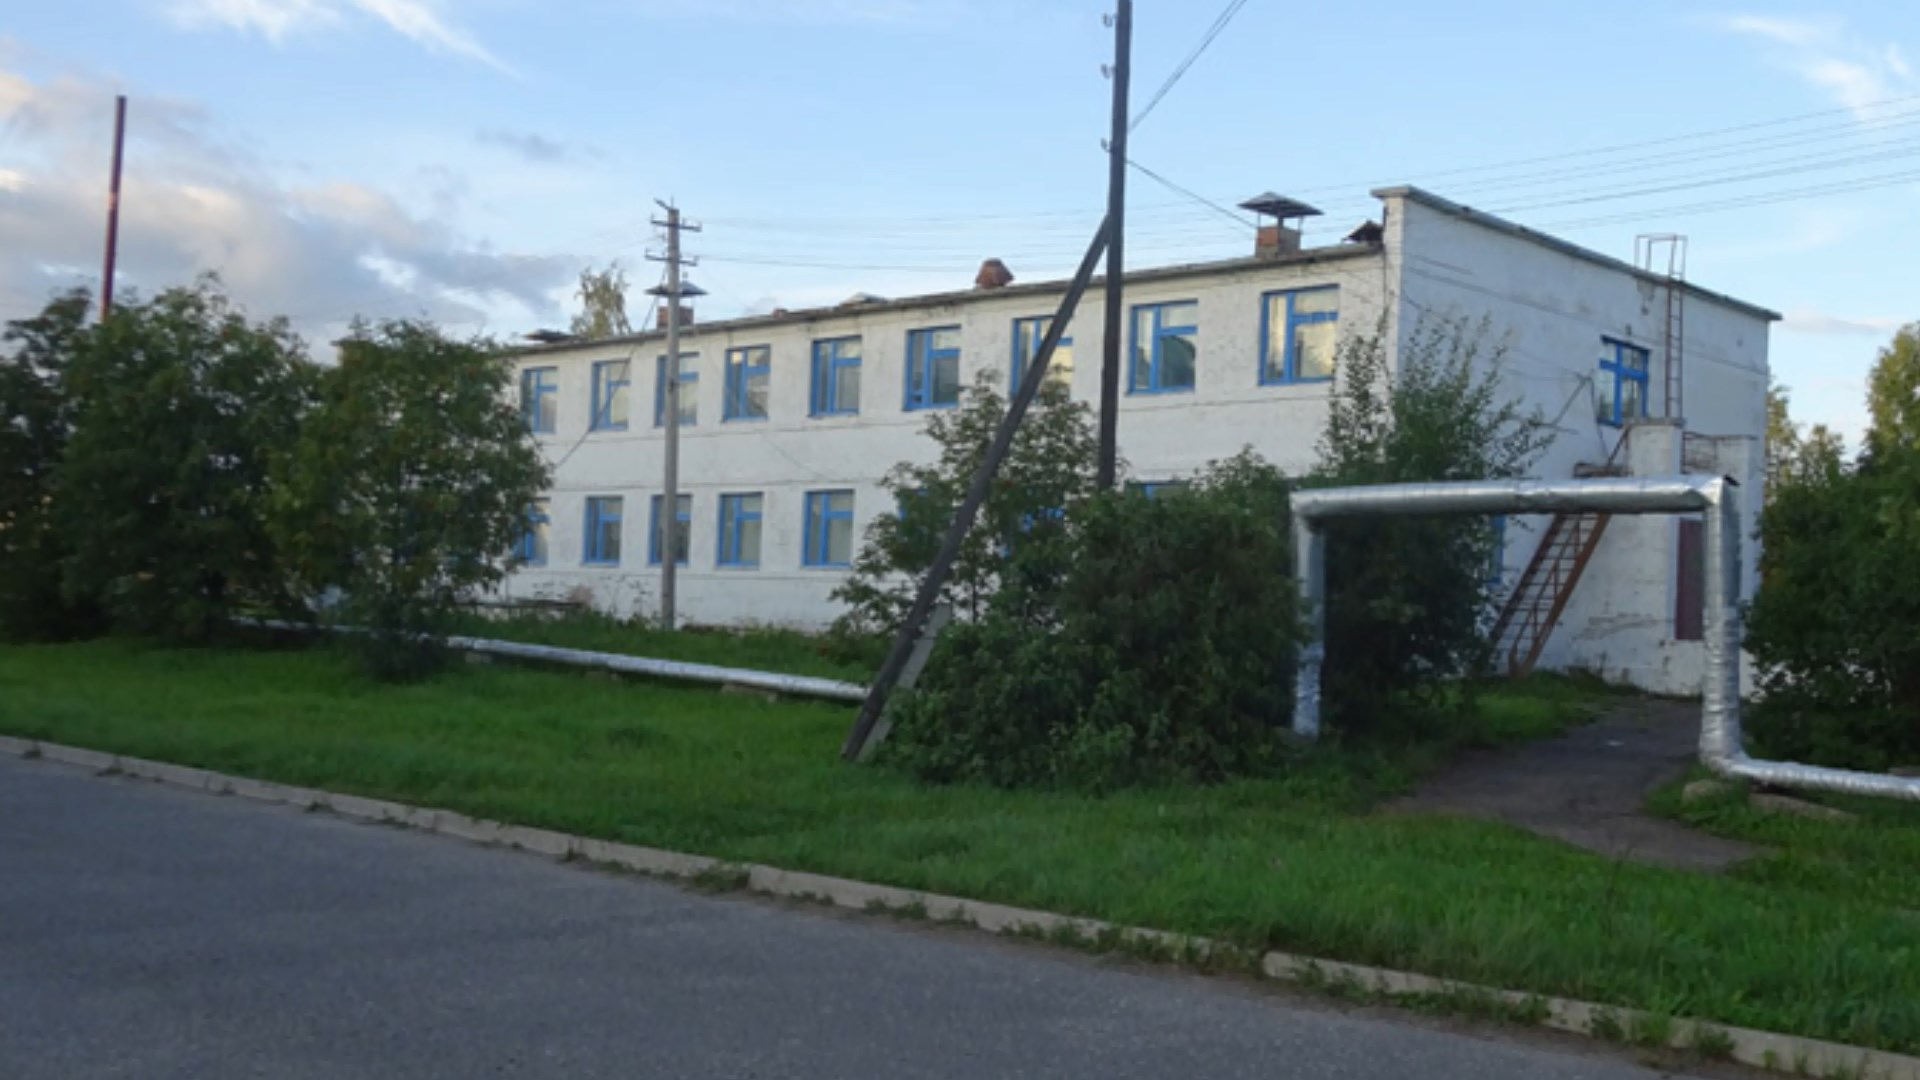 Поликлинику ЦРБ под Костромой ждёт большой ремонт